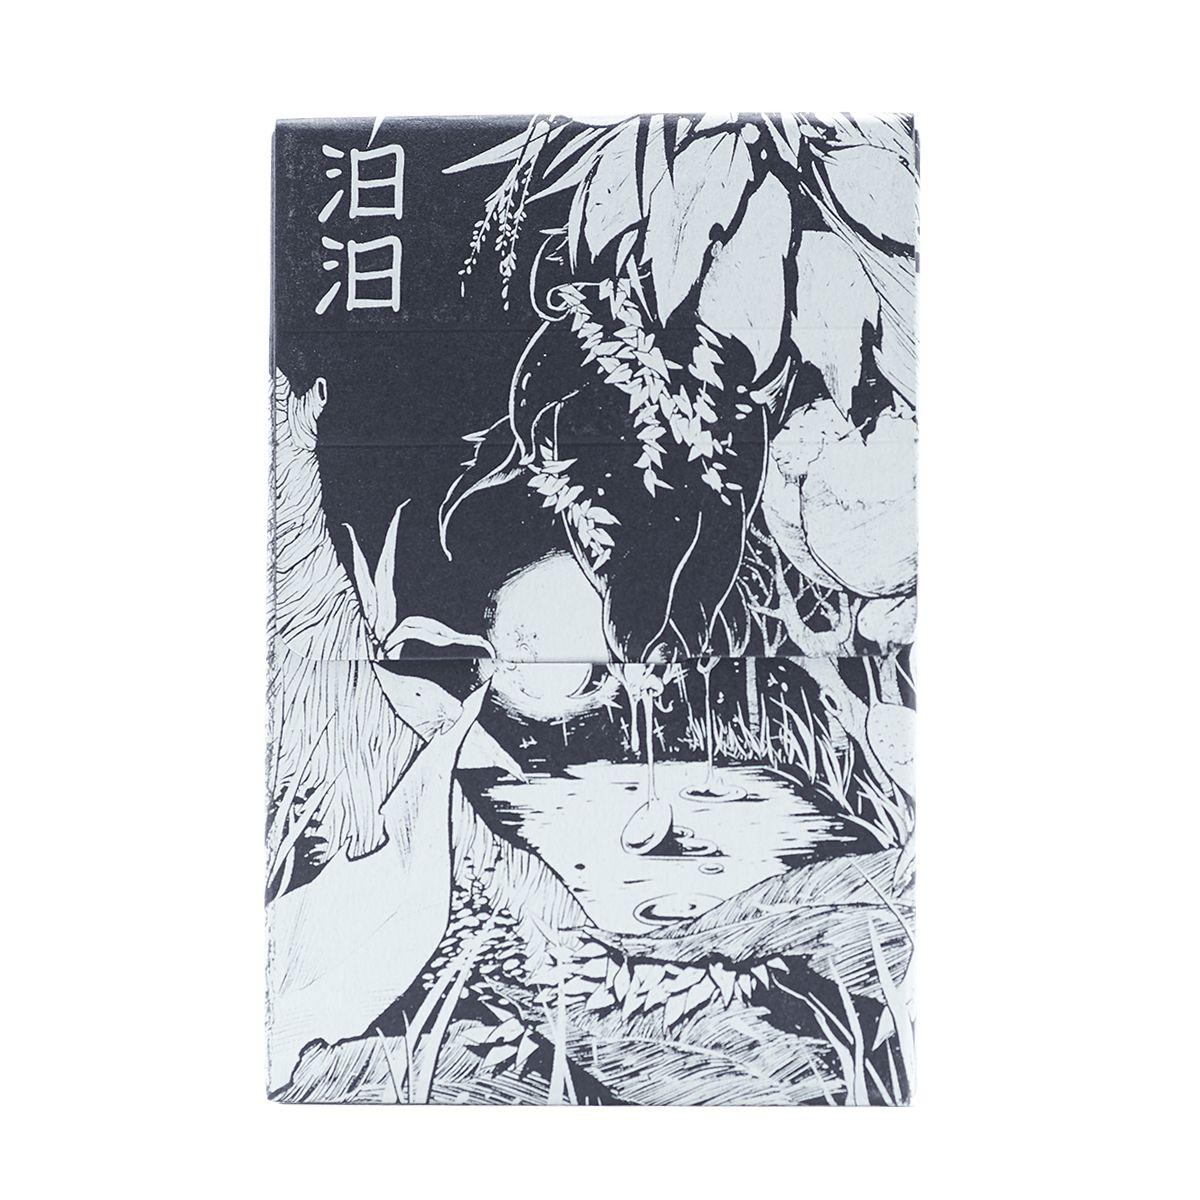 異物 • 「汨汨」矽性潤滑液膠囊